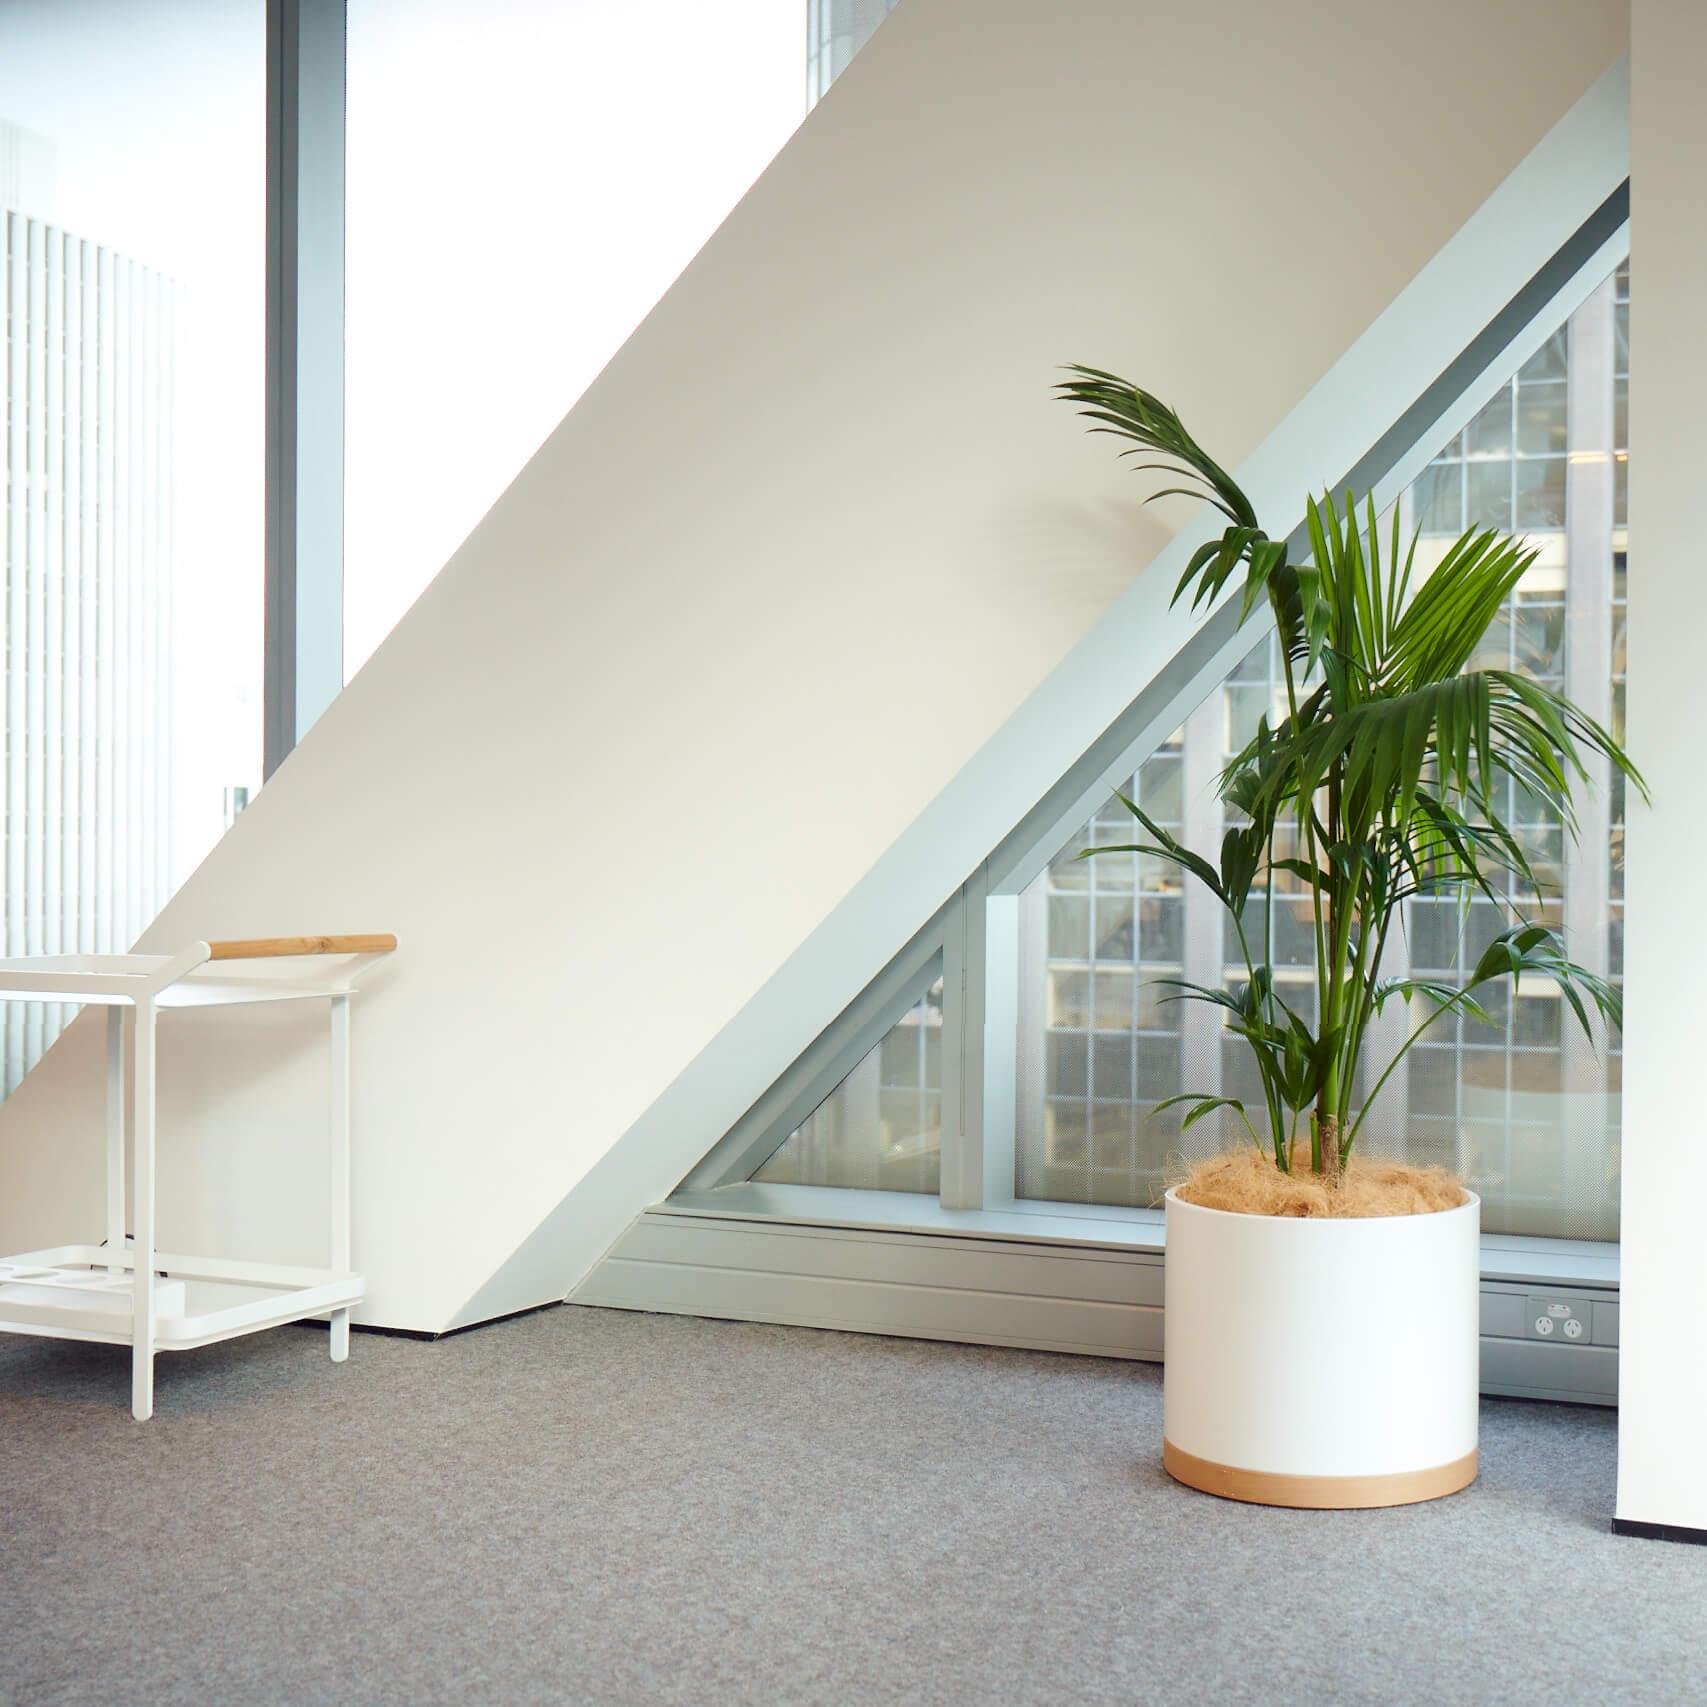 portfolio-offices-spaces-dlapiper-image6